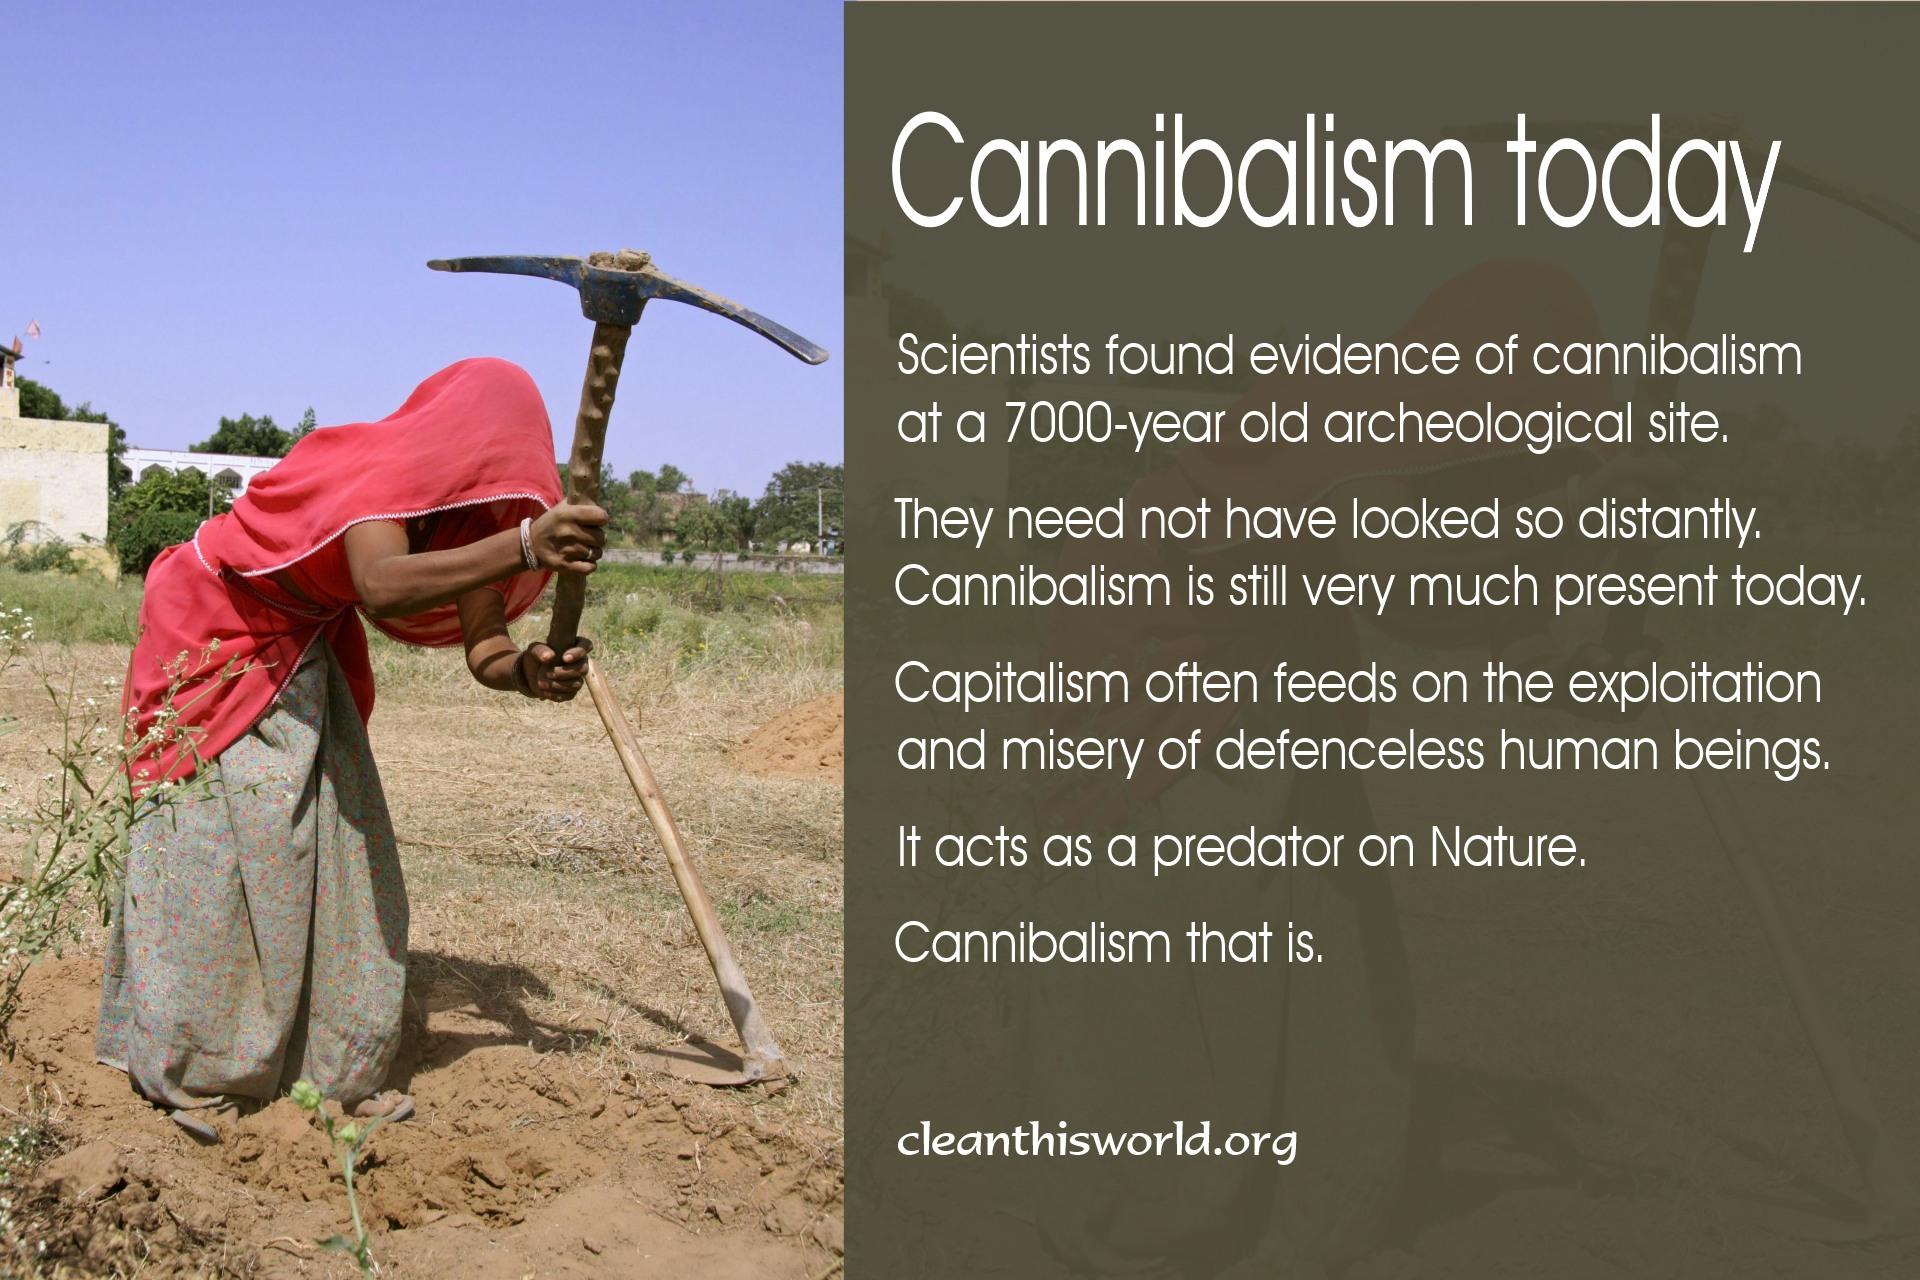 Cannibalism today | Danellandia